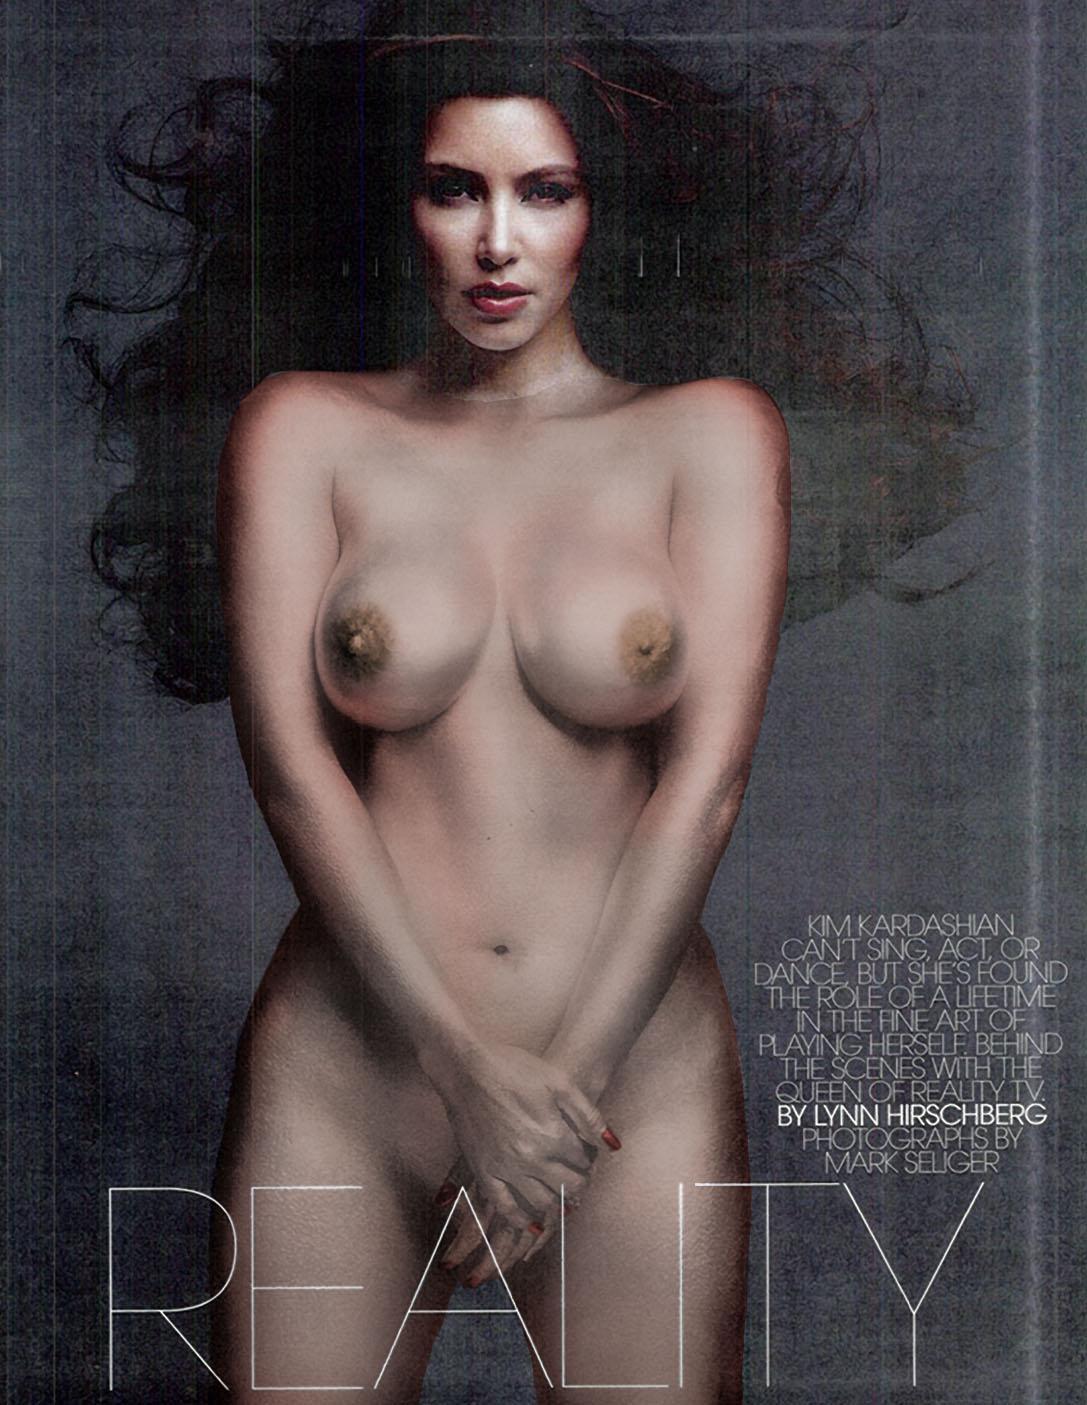 Kim Kardashian Nude Body Paint Photoshoot Leaked Eghamu